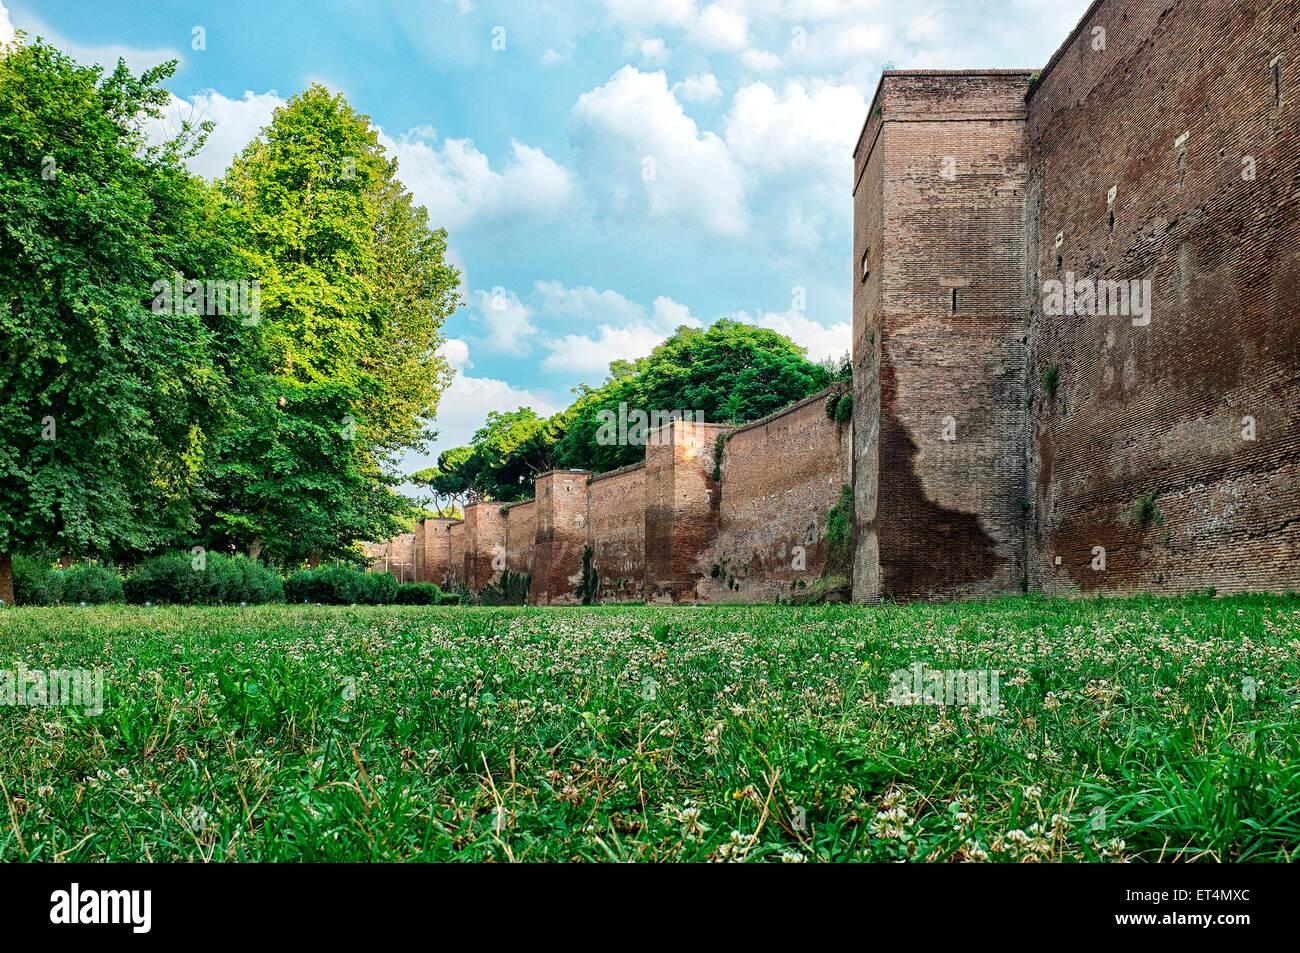 Parco integrato delle mura aureliane, Rome Italy - Stock Image